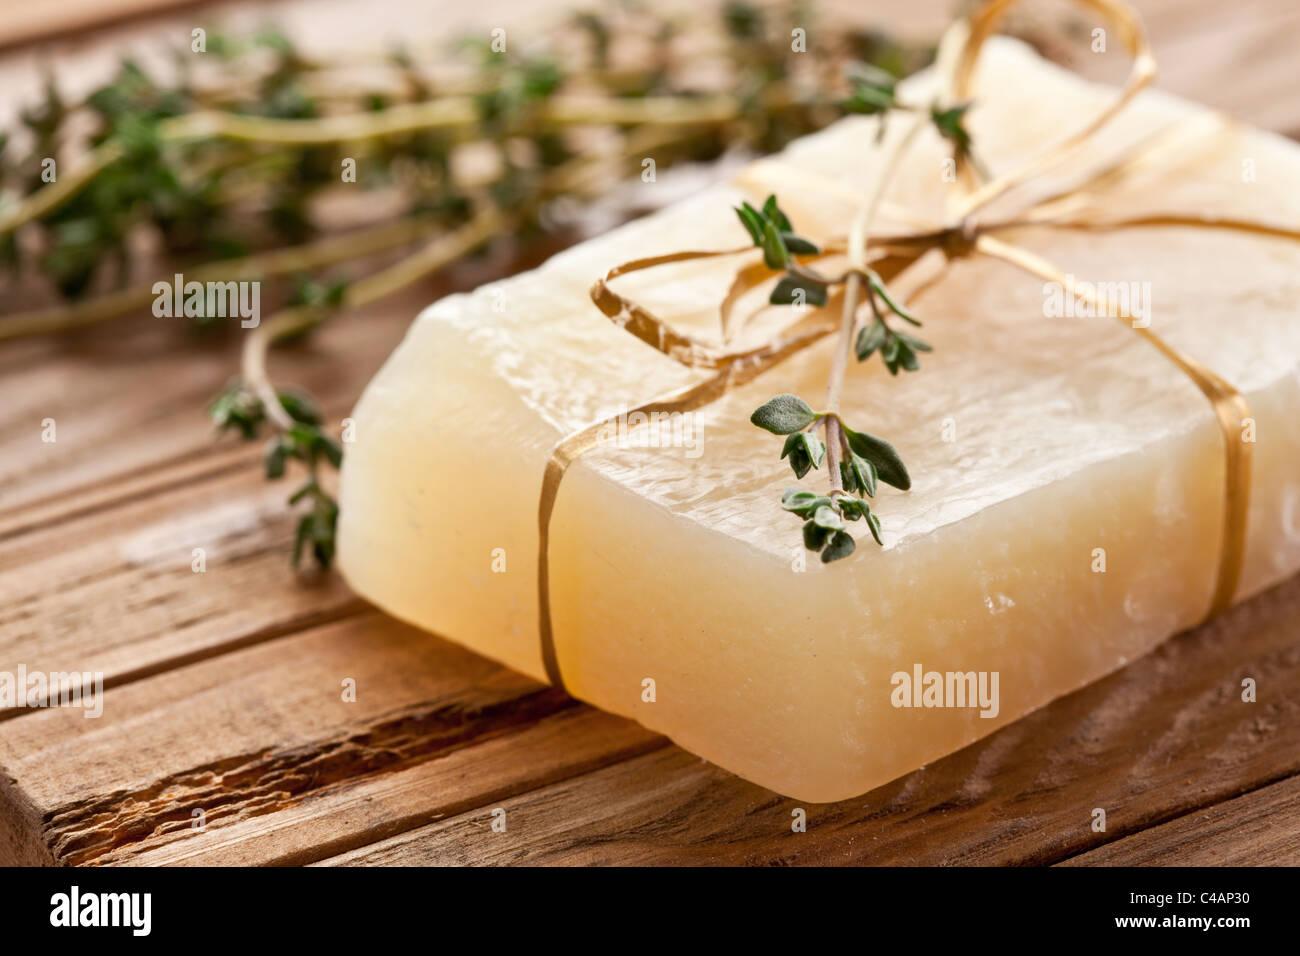 Pedazo de jabón natural de tomillo. Imagen De Stock